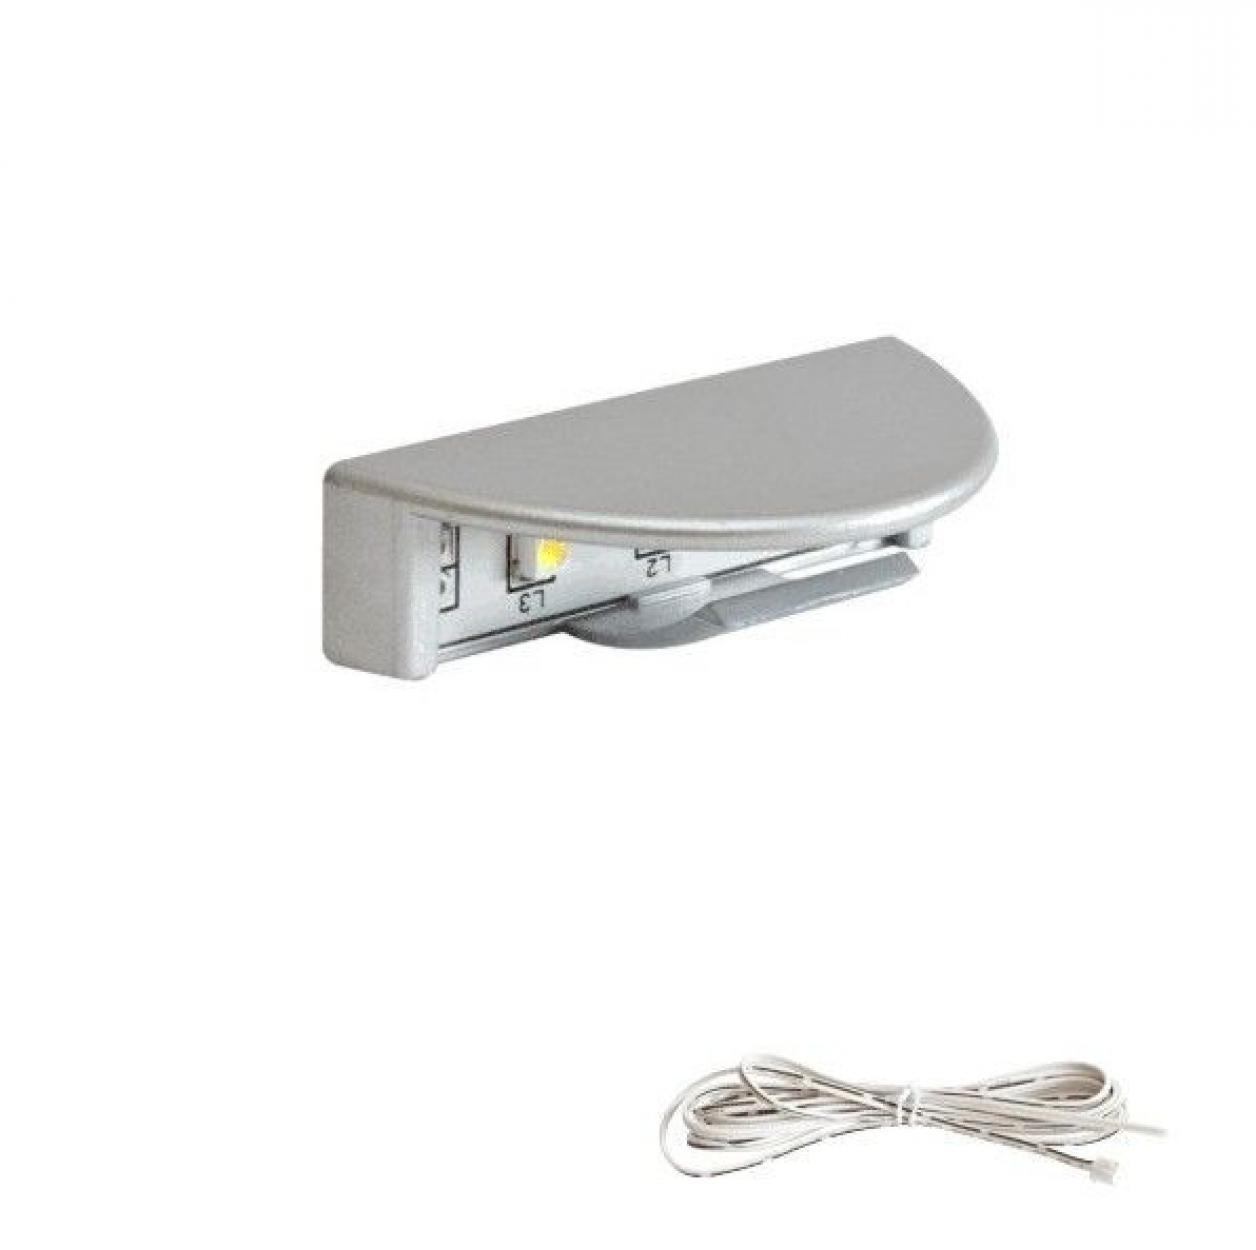 Светильник-клипса 210 светодиодный L46мм пластик сер. металлик 6000K